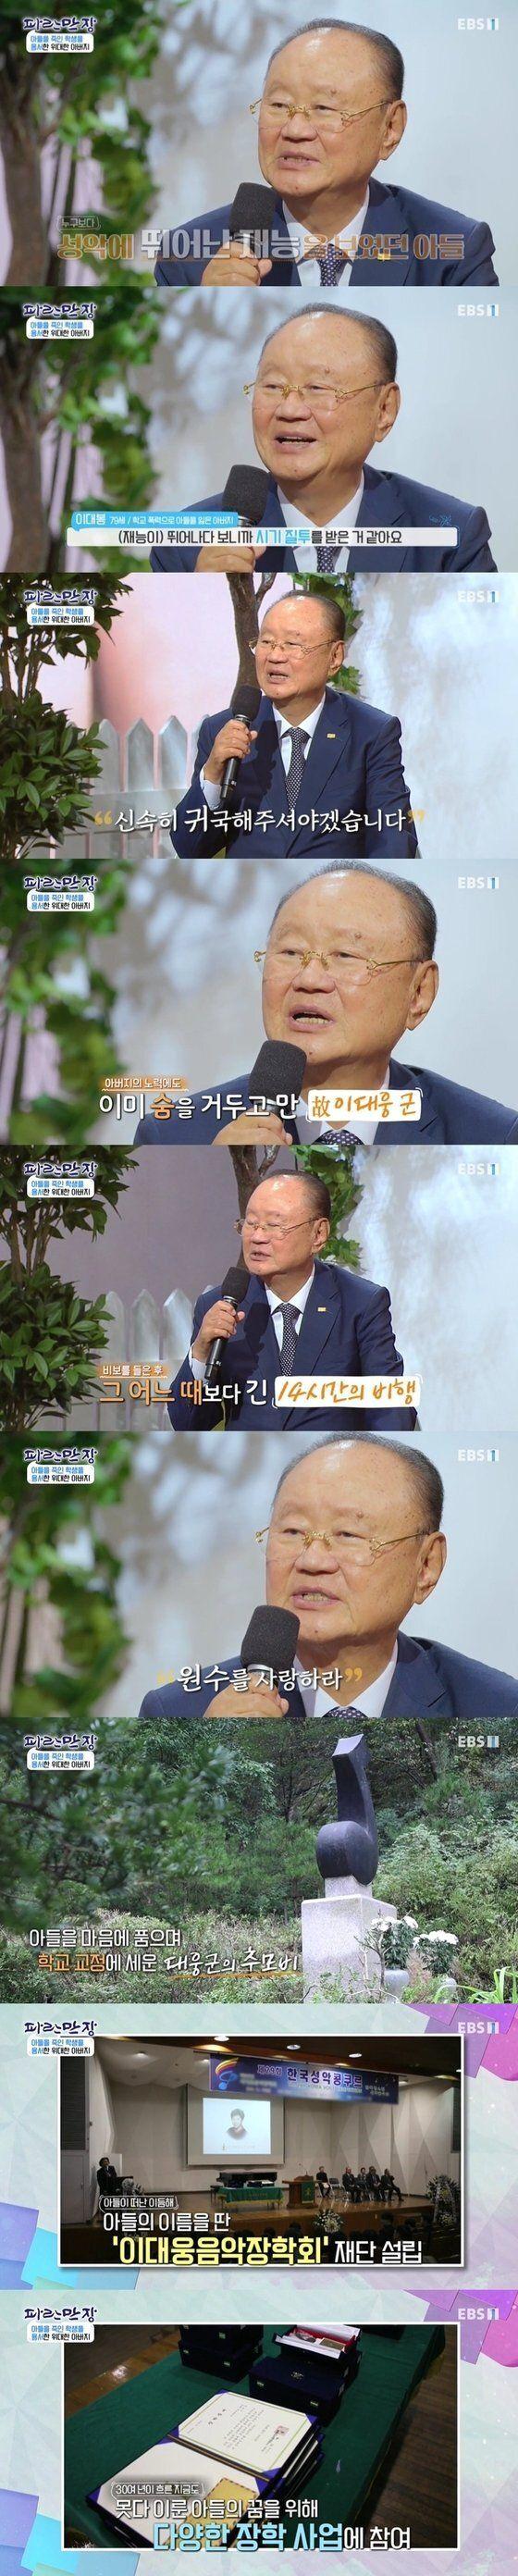 이대봉 서울예고 이사장은 '학폭'으로 아들을 잃은 뒤 아무 대가없이 가해자를